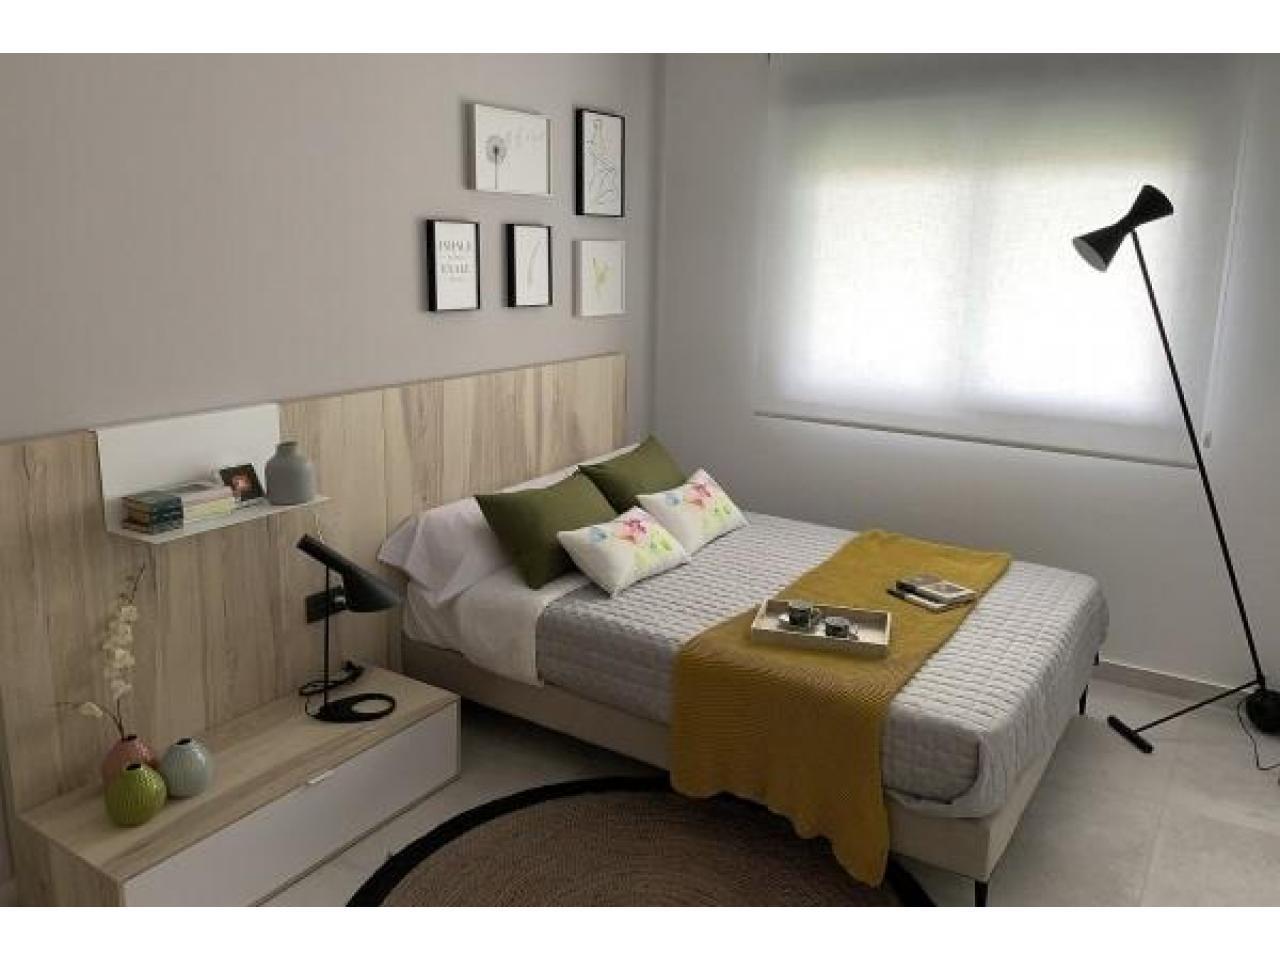 Недвижимость в Испании, Новые квартиры от застройщика в Гуардамар,Коста Бланка,Испания - 7